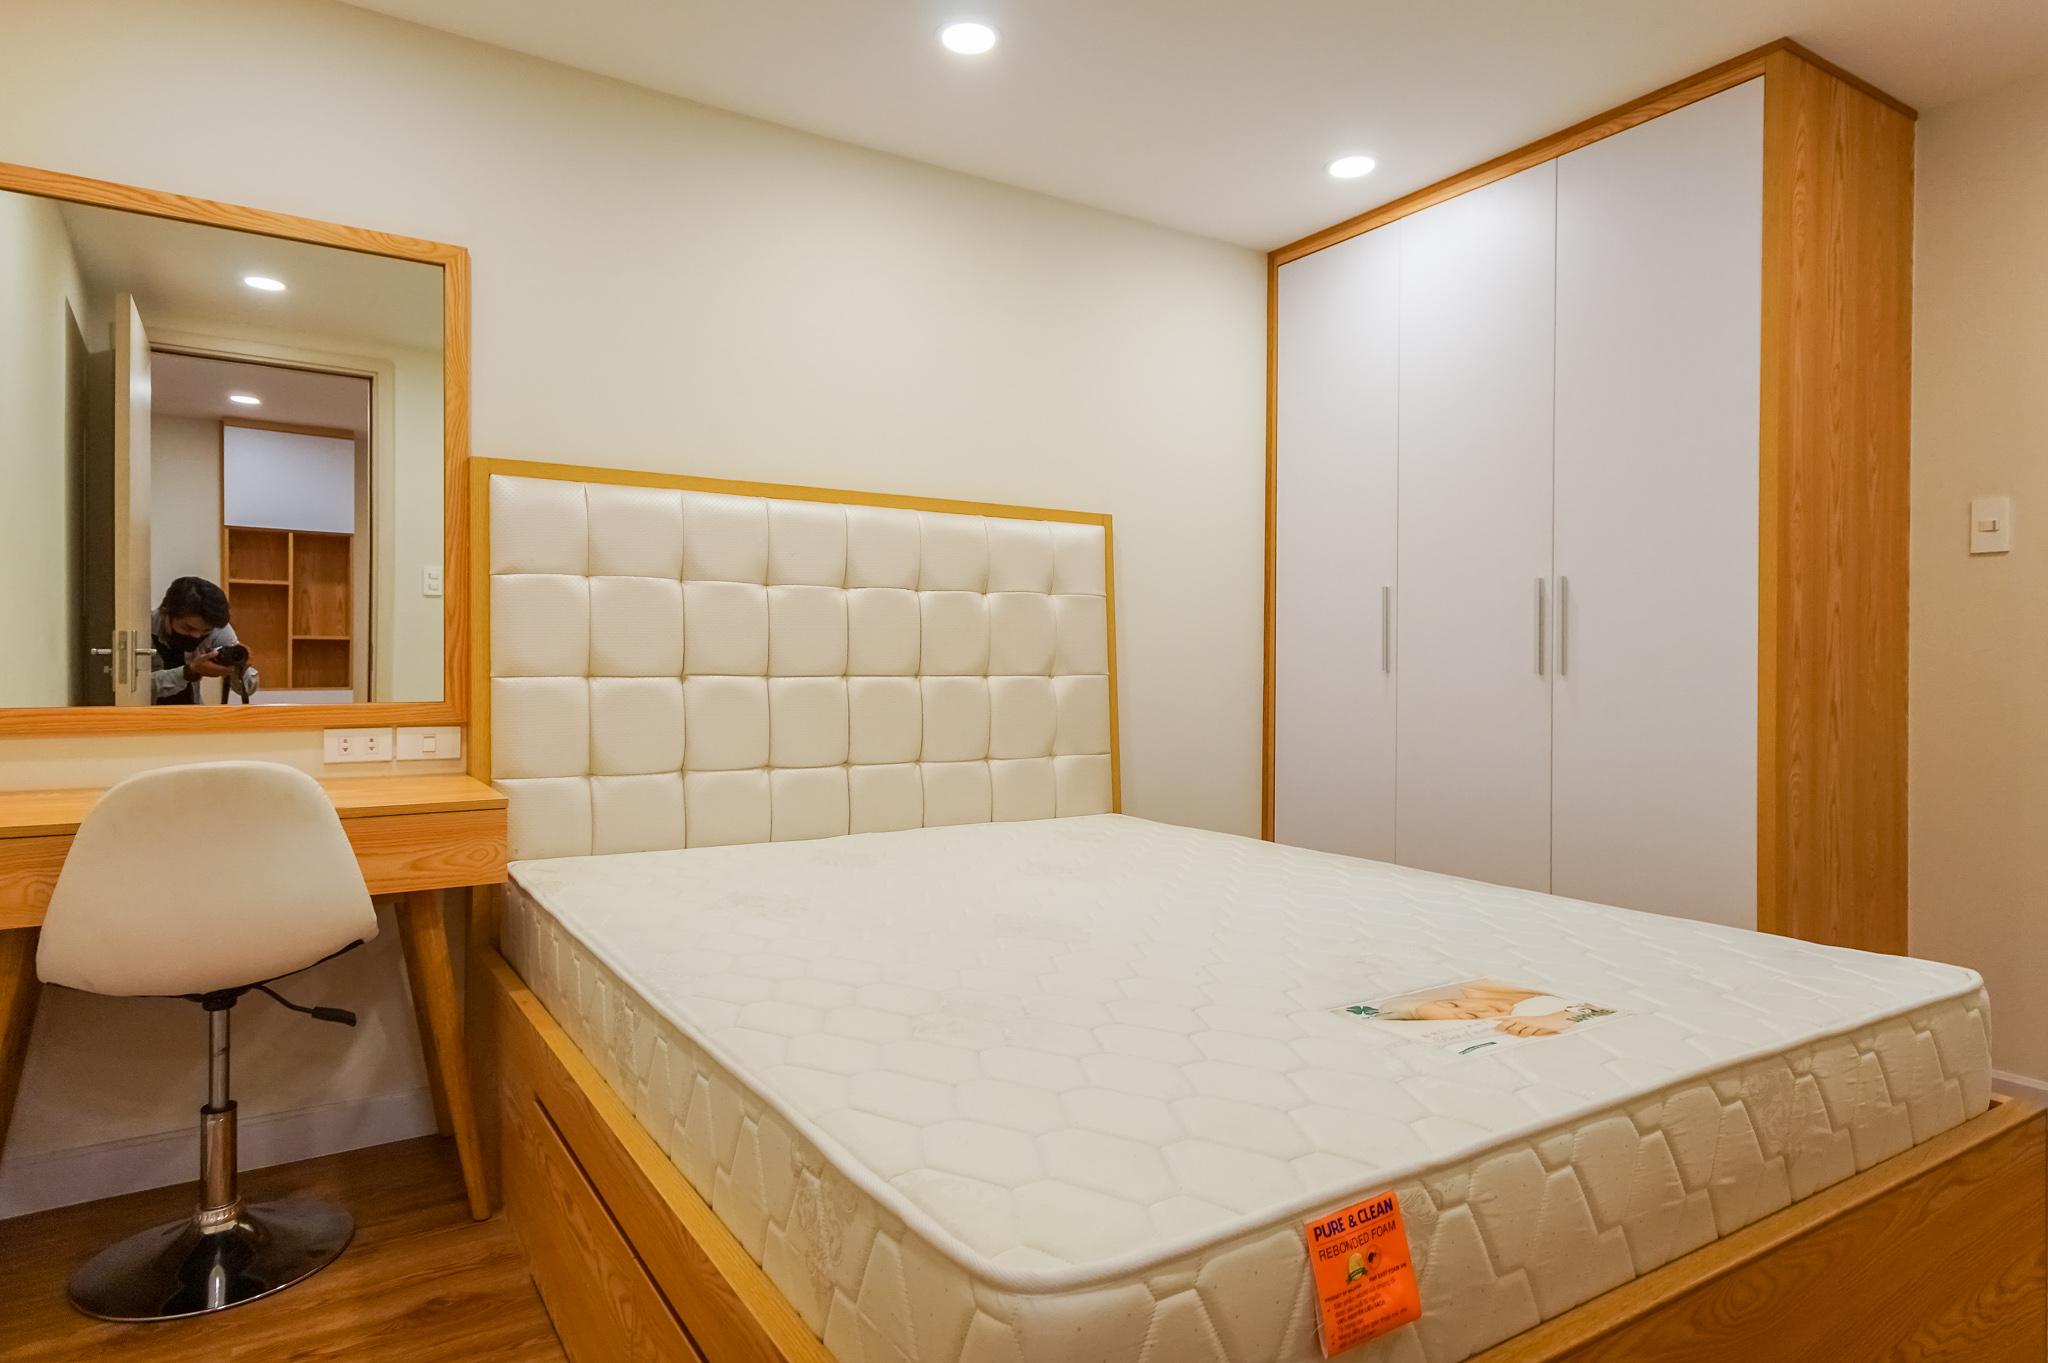 Cho Thuê Căn Hộ Dịch Vụ 1 Phòng Ngủ Đầy Đủ Nội Thất & Tươi Sáng-9